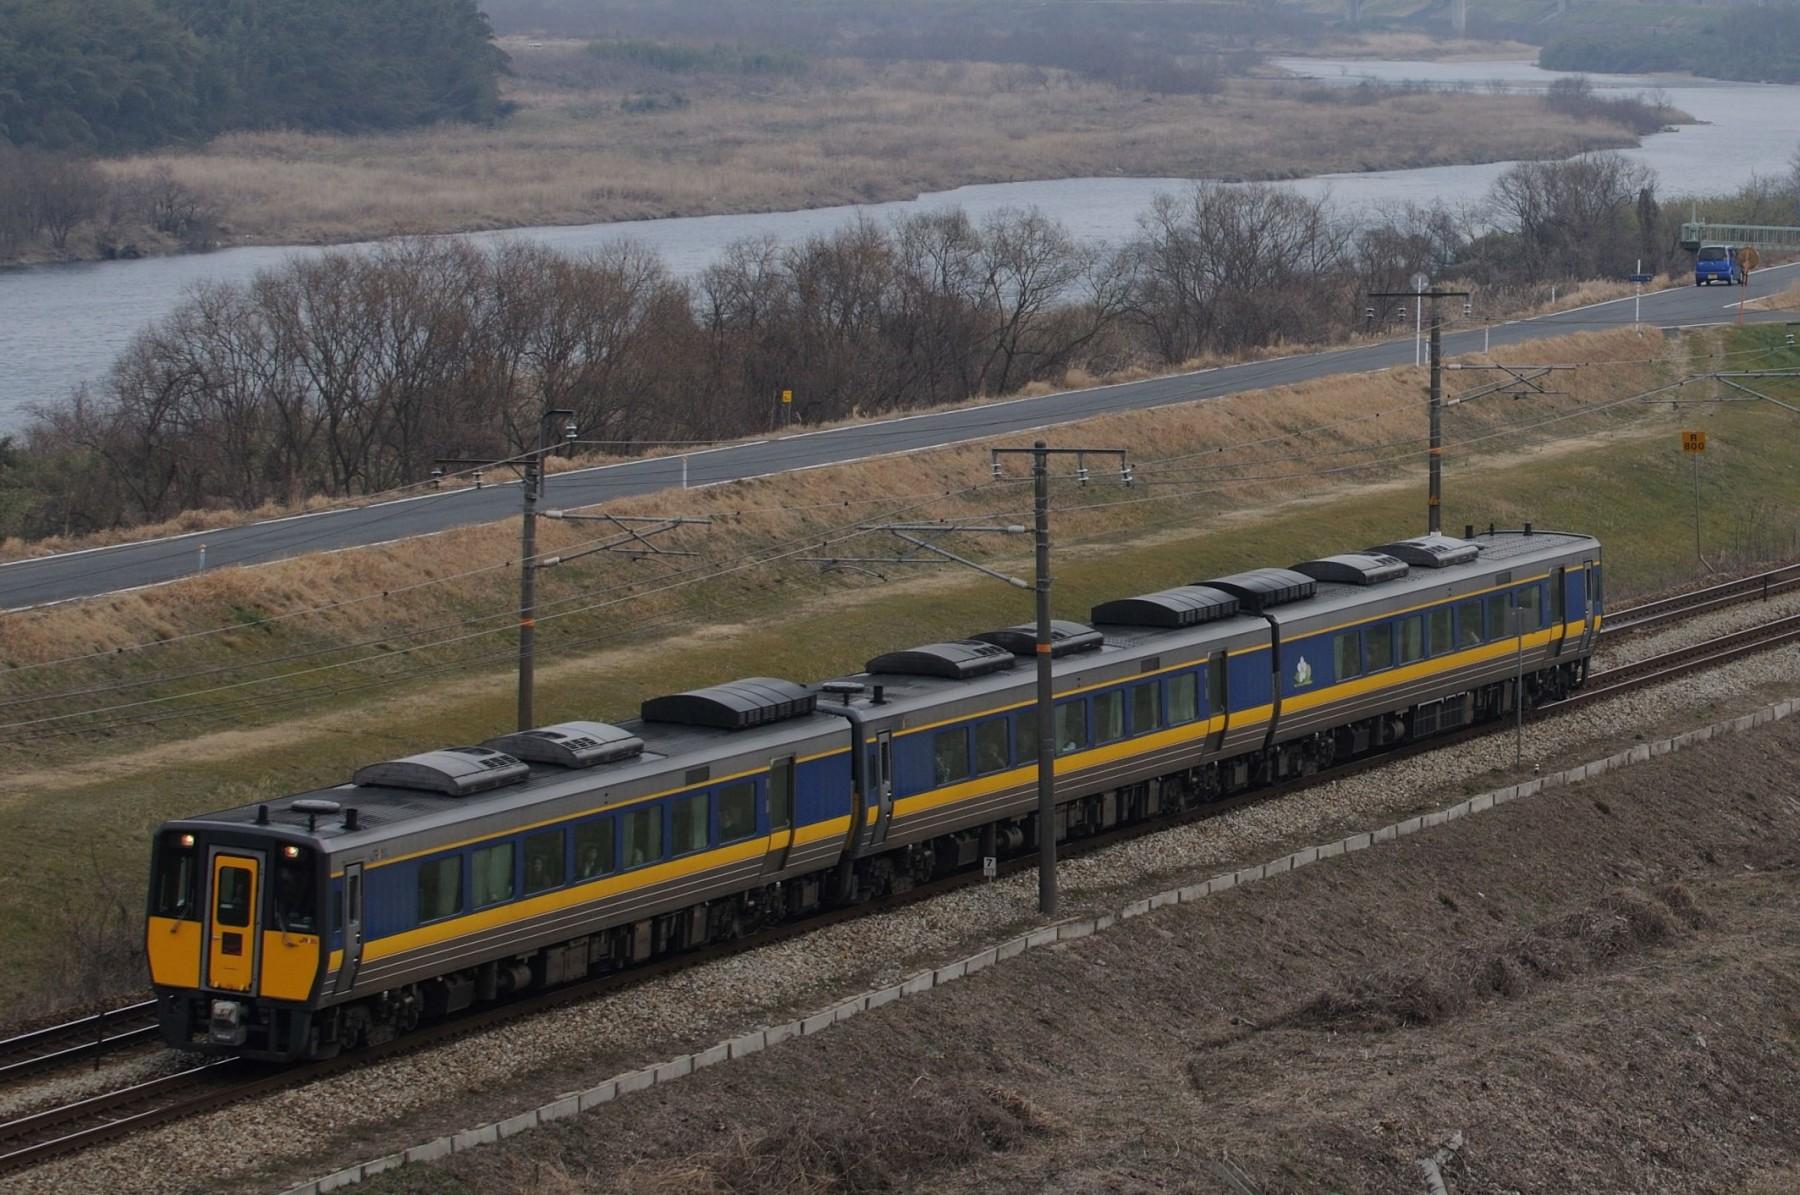 特トワ待ちの間に撮影した列車 その3